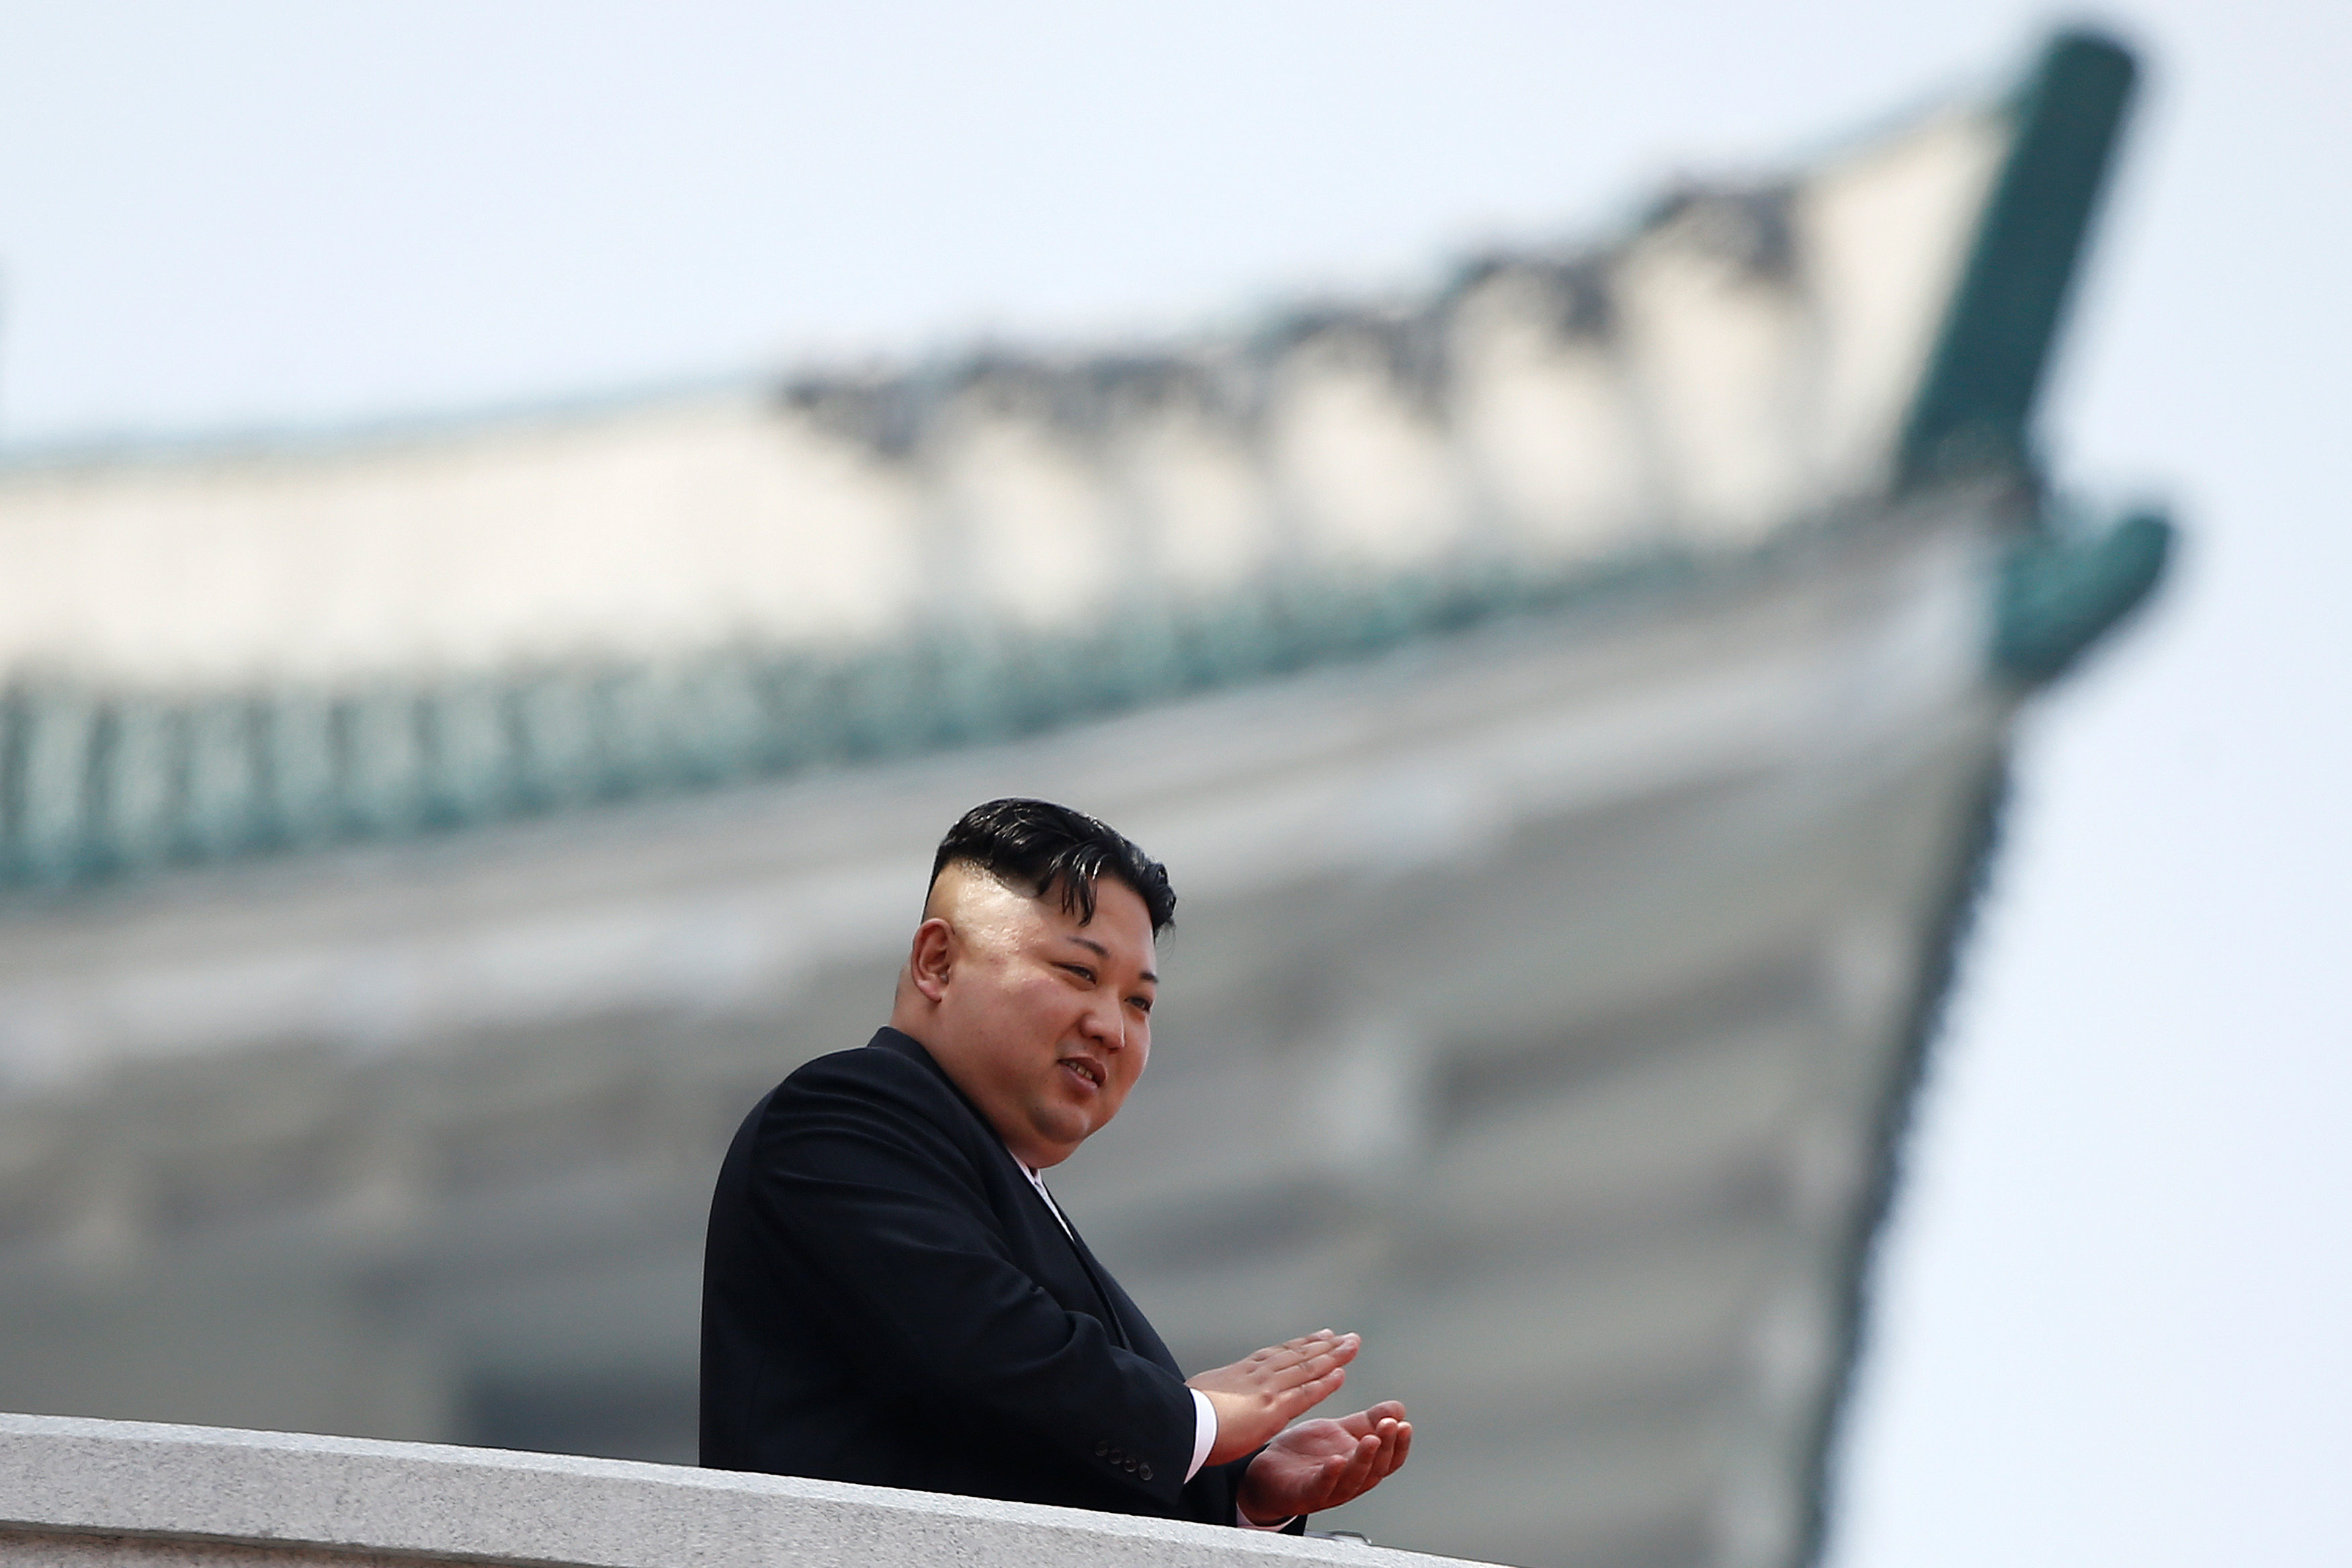 Las amenazas del dictador norcoreano, Kim Jong-un, mantienen en vilo a la comunidad internacional (REUTERS/Damir Sagolj)